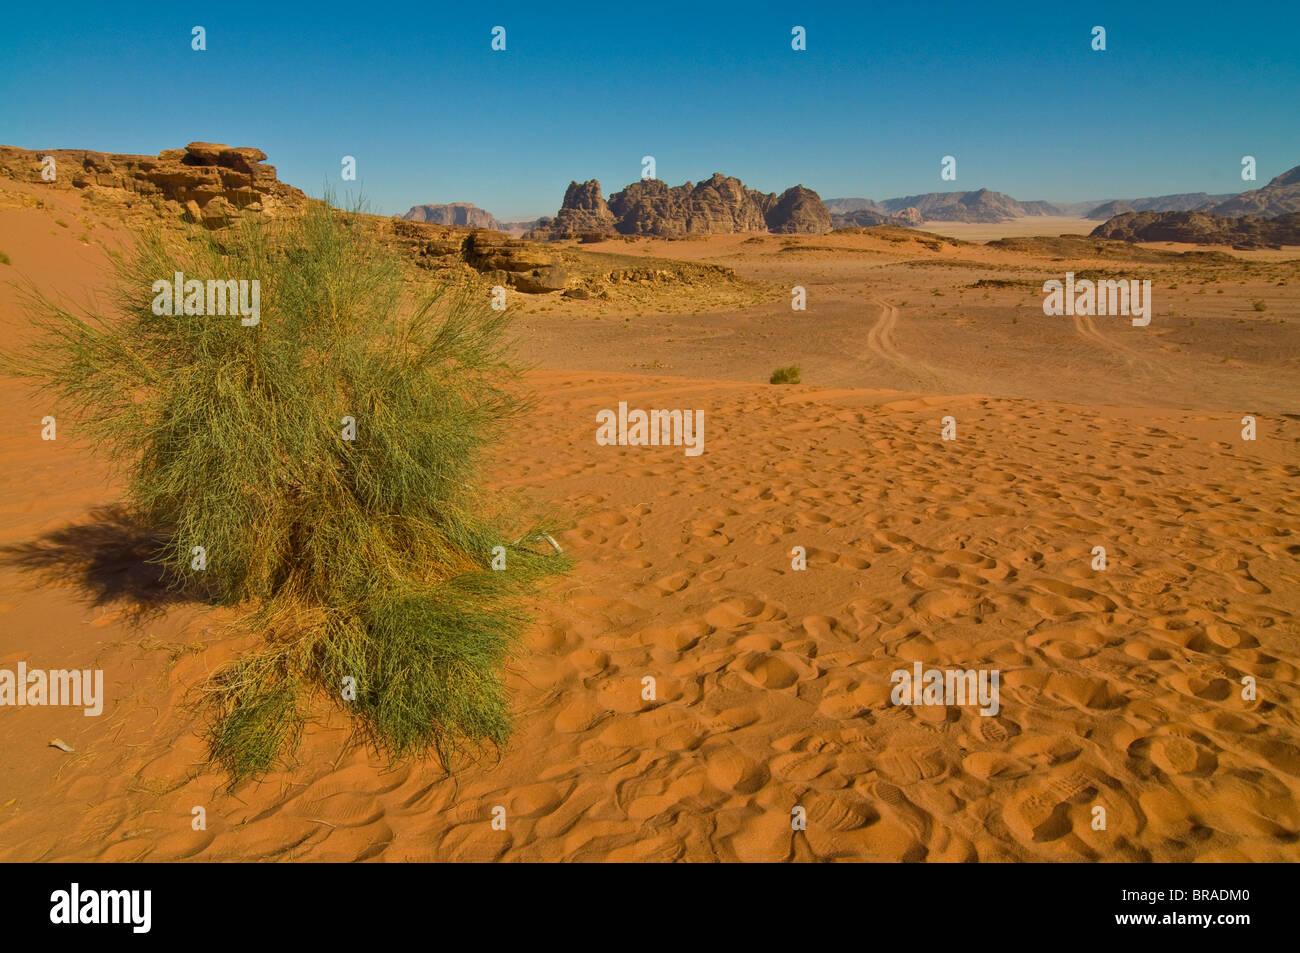 Les superbes paysages du désert de Wadi Rum, Jordanie, Moyen-Orient Photo Stock